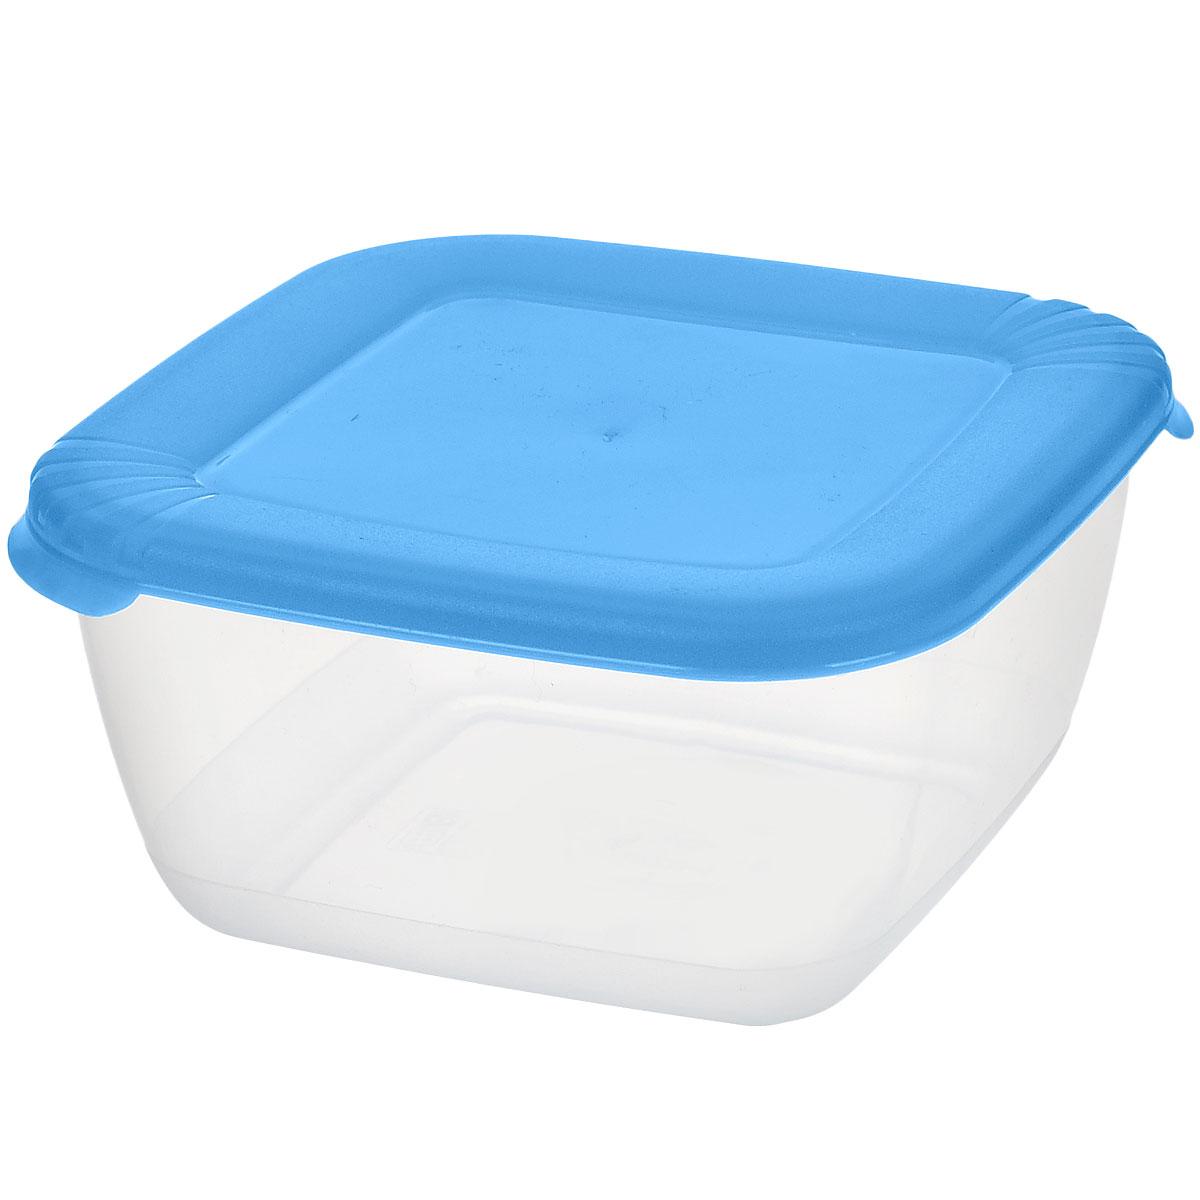 Контейнер для СВЧ Полимербыт Лайт, цвет: прозрачный, голубой, 0,46 лС542_голубойКвадратный контейнер для СВЧ Полимербыт Лайт изготовлен из высококачественного прочного пластика, устойчивого к высоким температурам до + 120°С. Яркая цветная крышка плотно закрывается, дольше сохраняя продукты свежими и вкусными. Контейнер идеально подходит для хранения пищи, его удобно брать с собой на работу, учебу, пикник или просто использовать для хранения пищи в холодильнике. Можно использовать в микроволновой печи и для заморозки в морозильной камере при минимальной температуре -40°С. Можно мыть в посудомоечной машине.